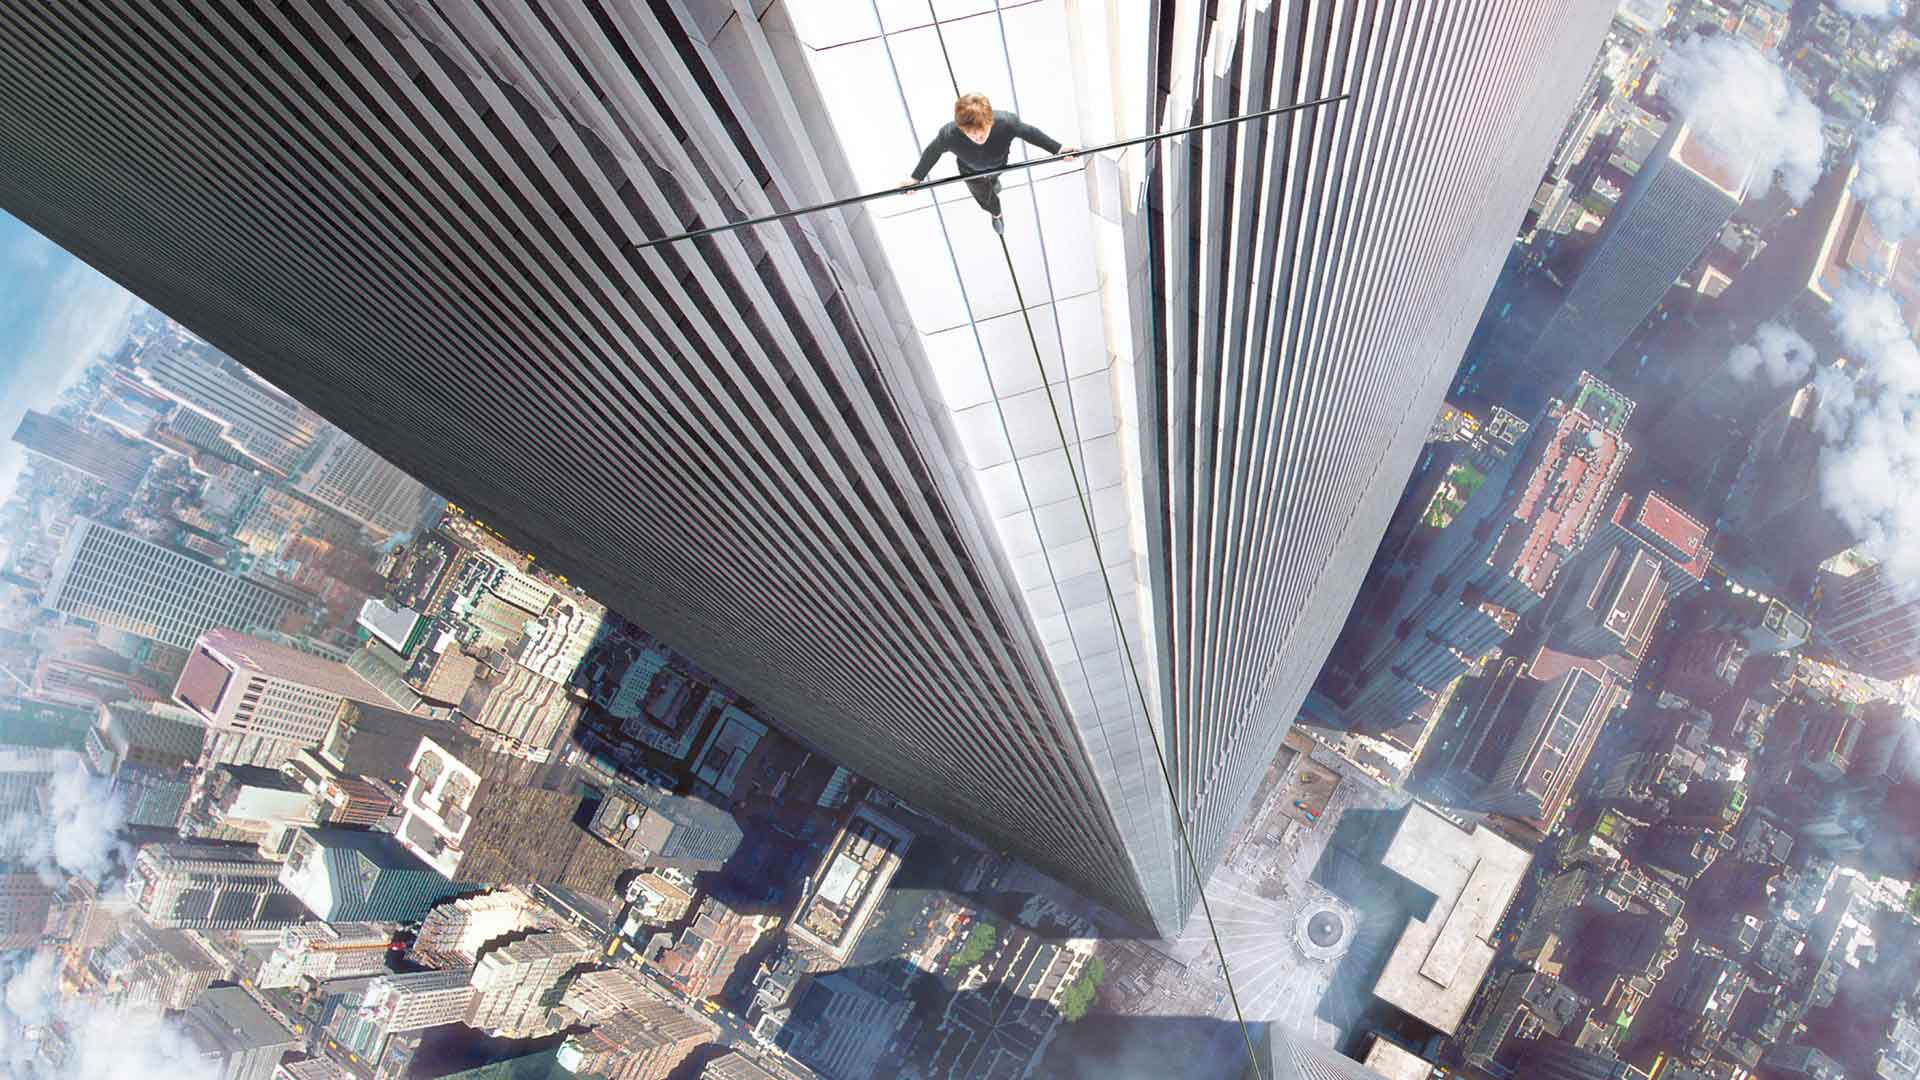 ビルの上で綱渡りする『The Walk』のプレイ映像を公開